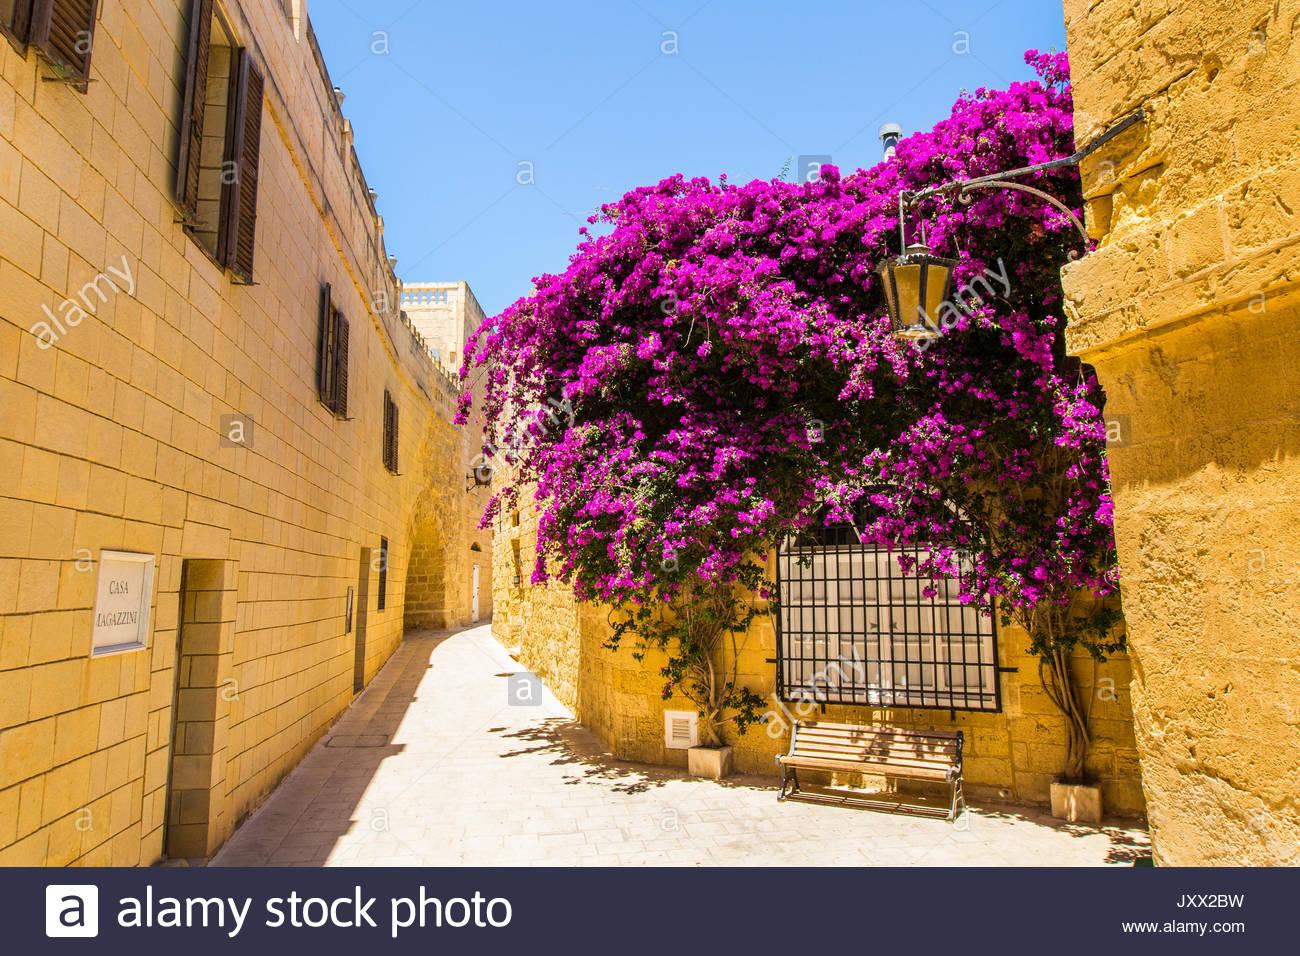 Bank unter einem lila blühenden Bougainvillea in einer schmalen Gasse von Mdina, Malta Stockbild